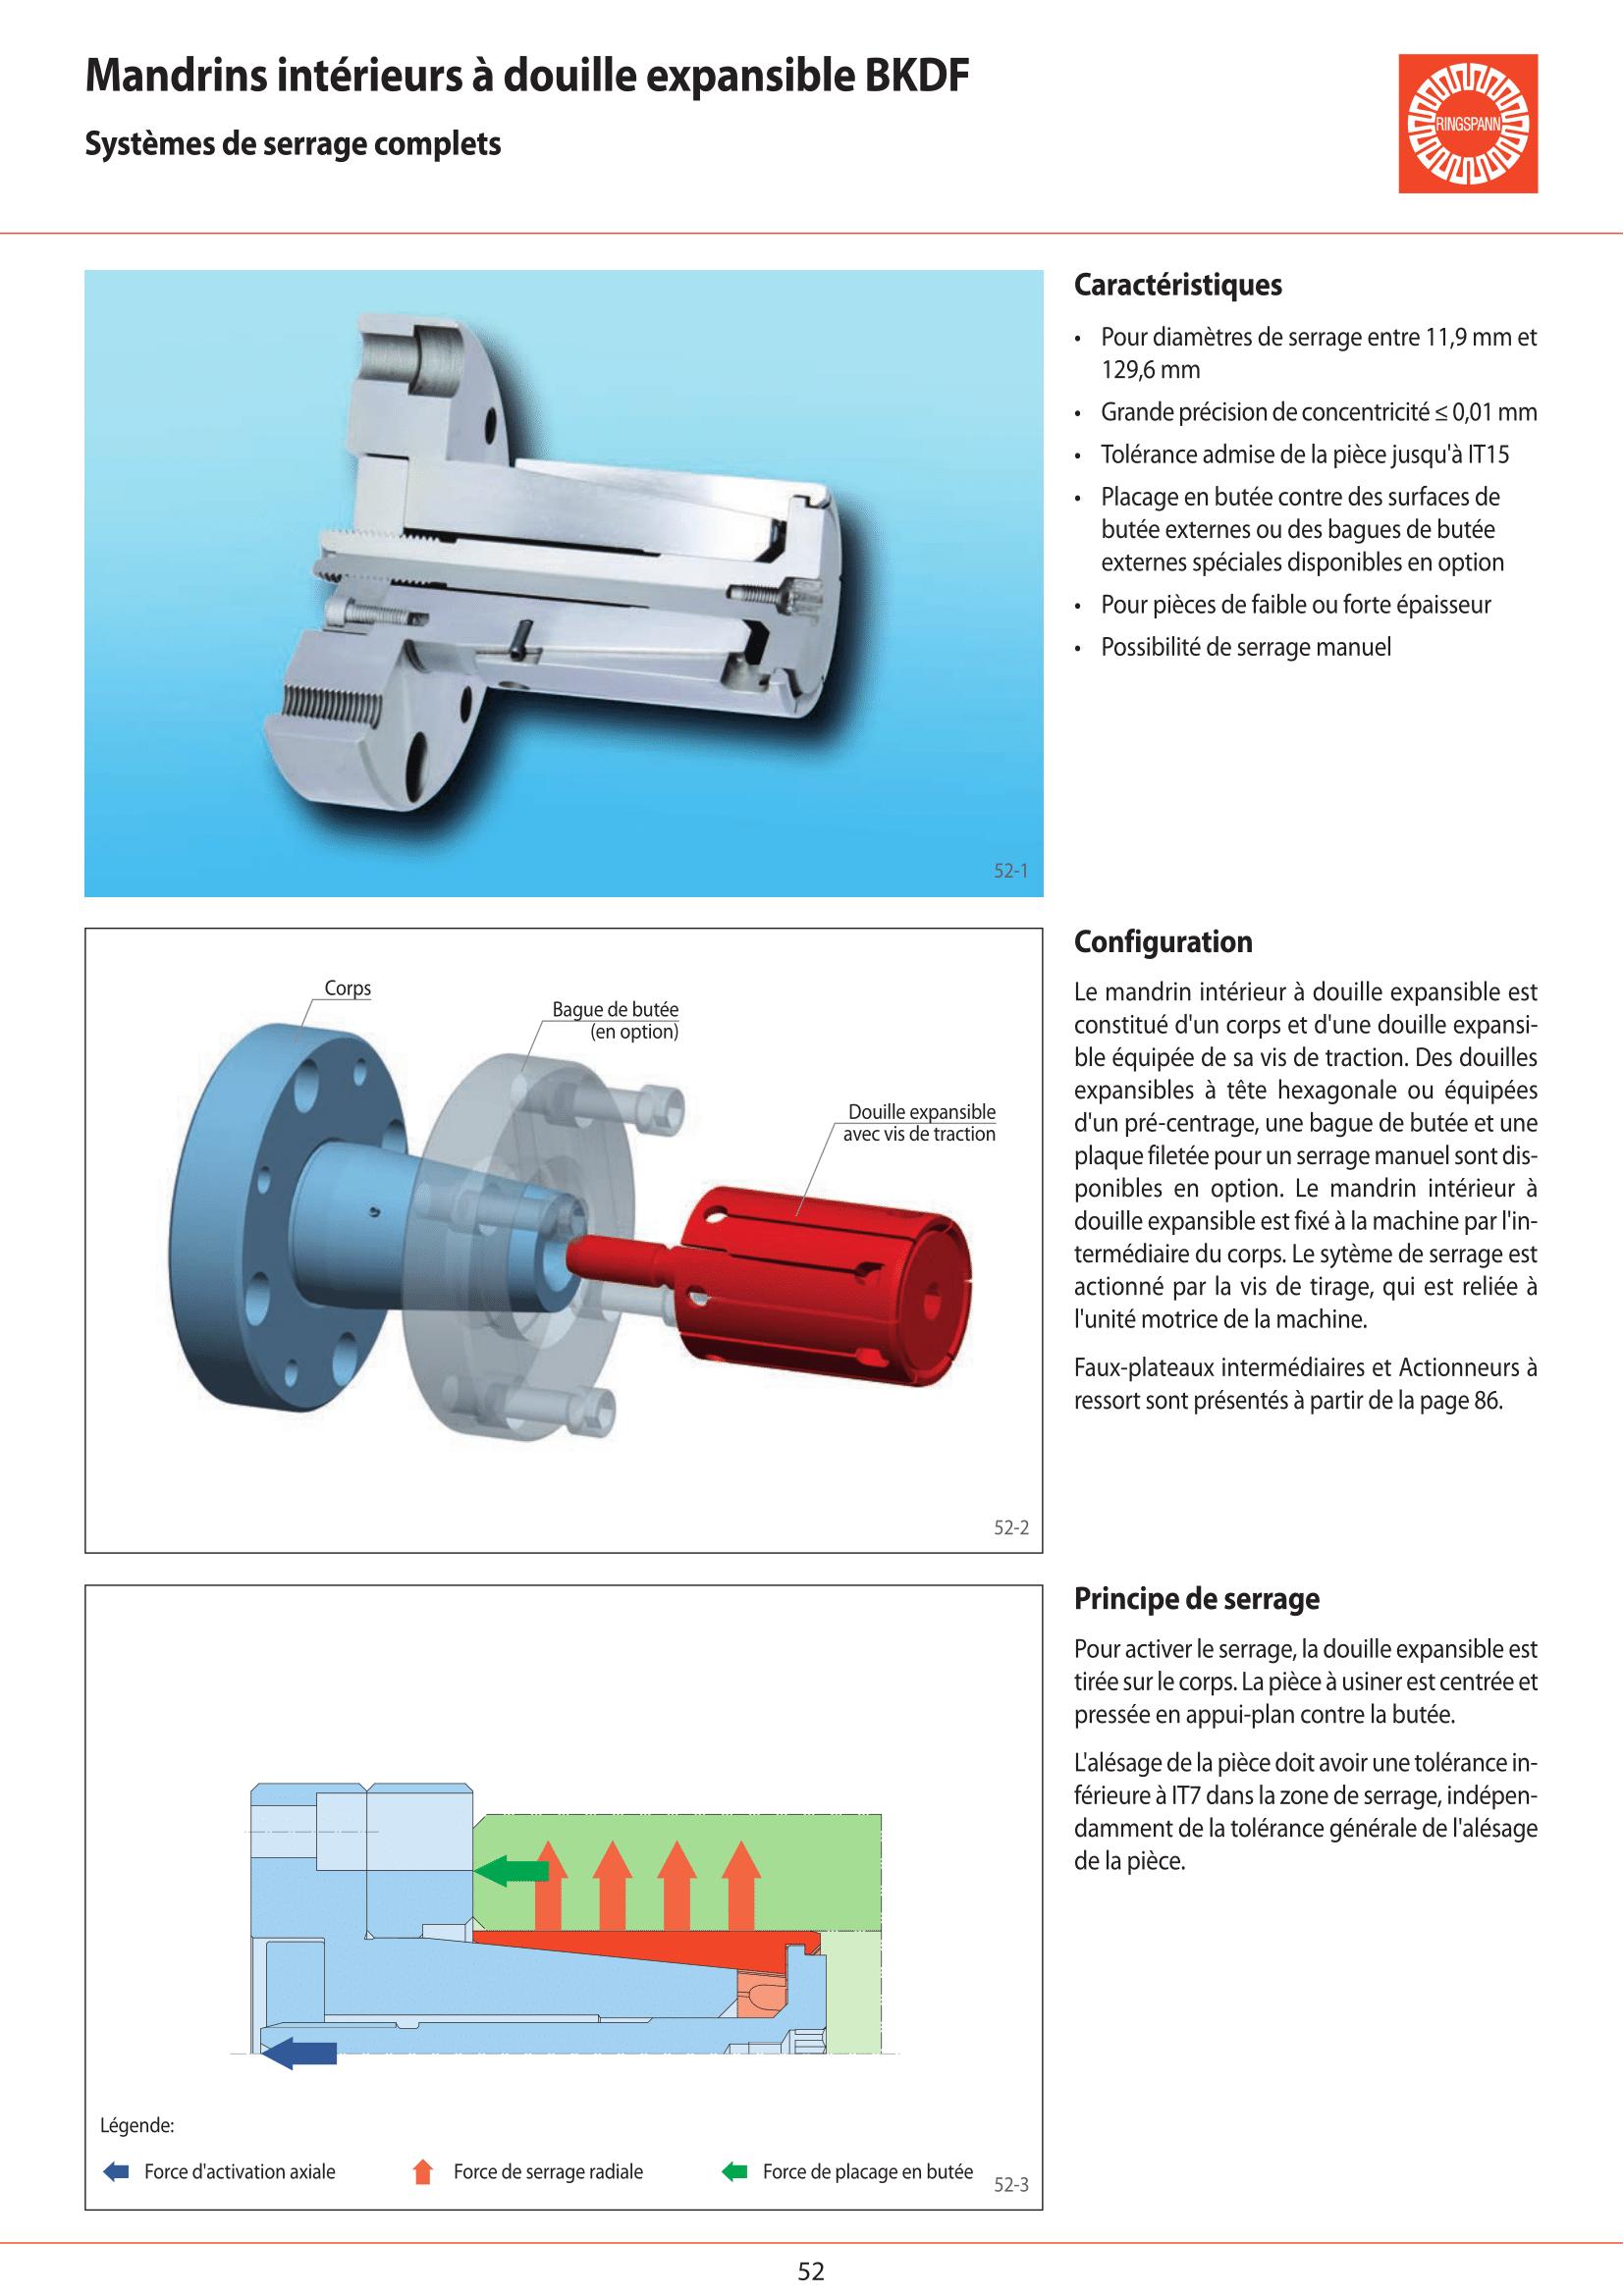 Fiche technique - BKDF 44 page 1